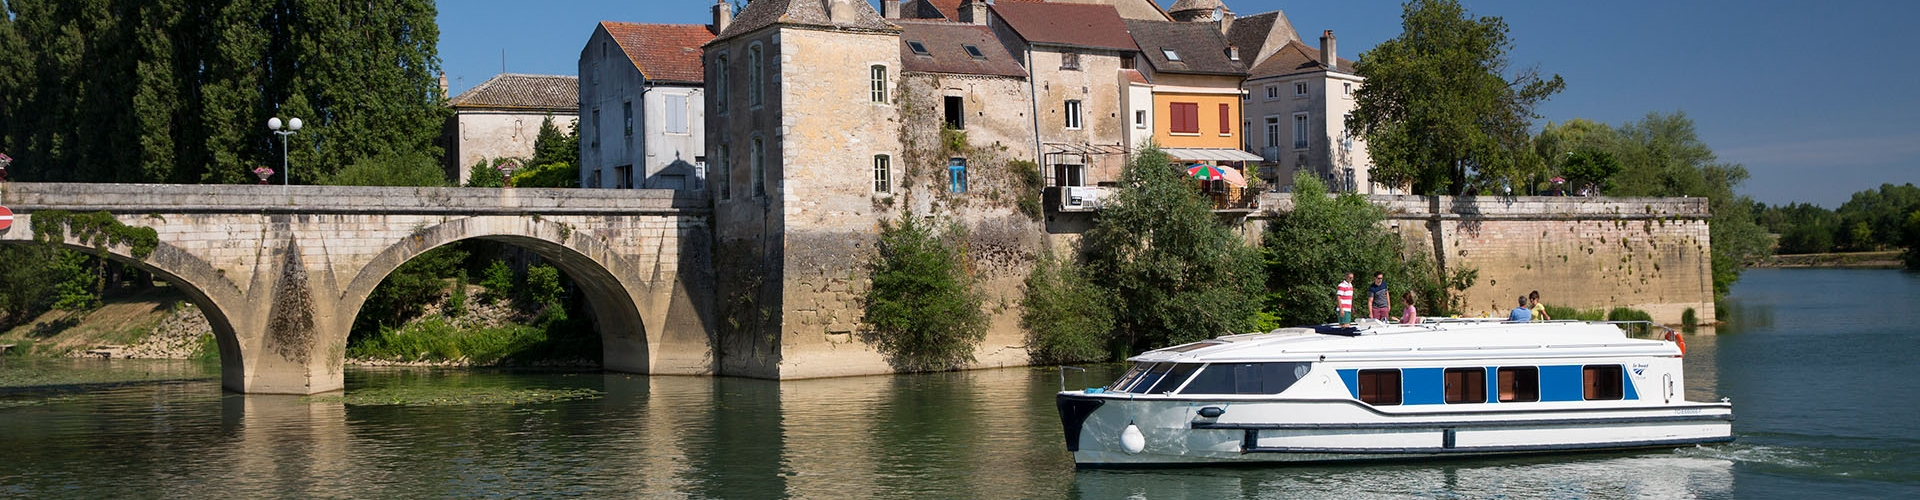 Le Vision en Bourgogne